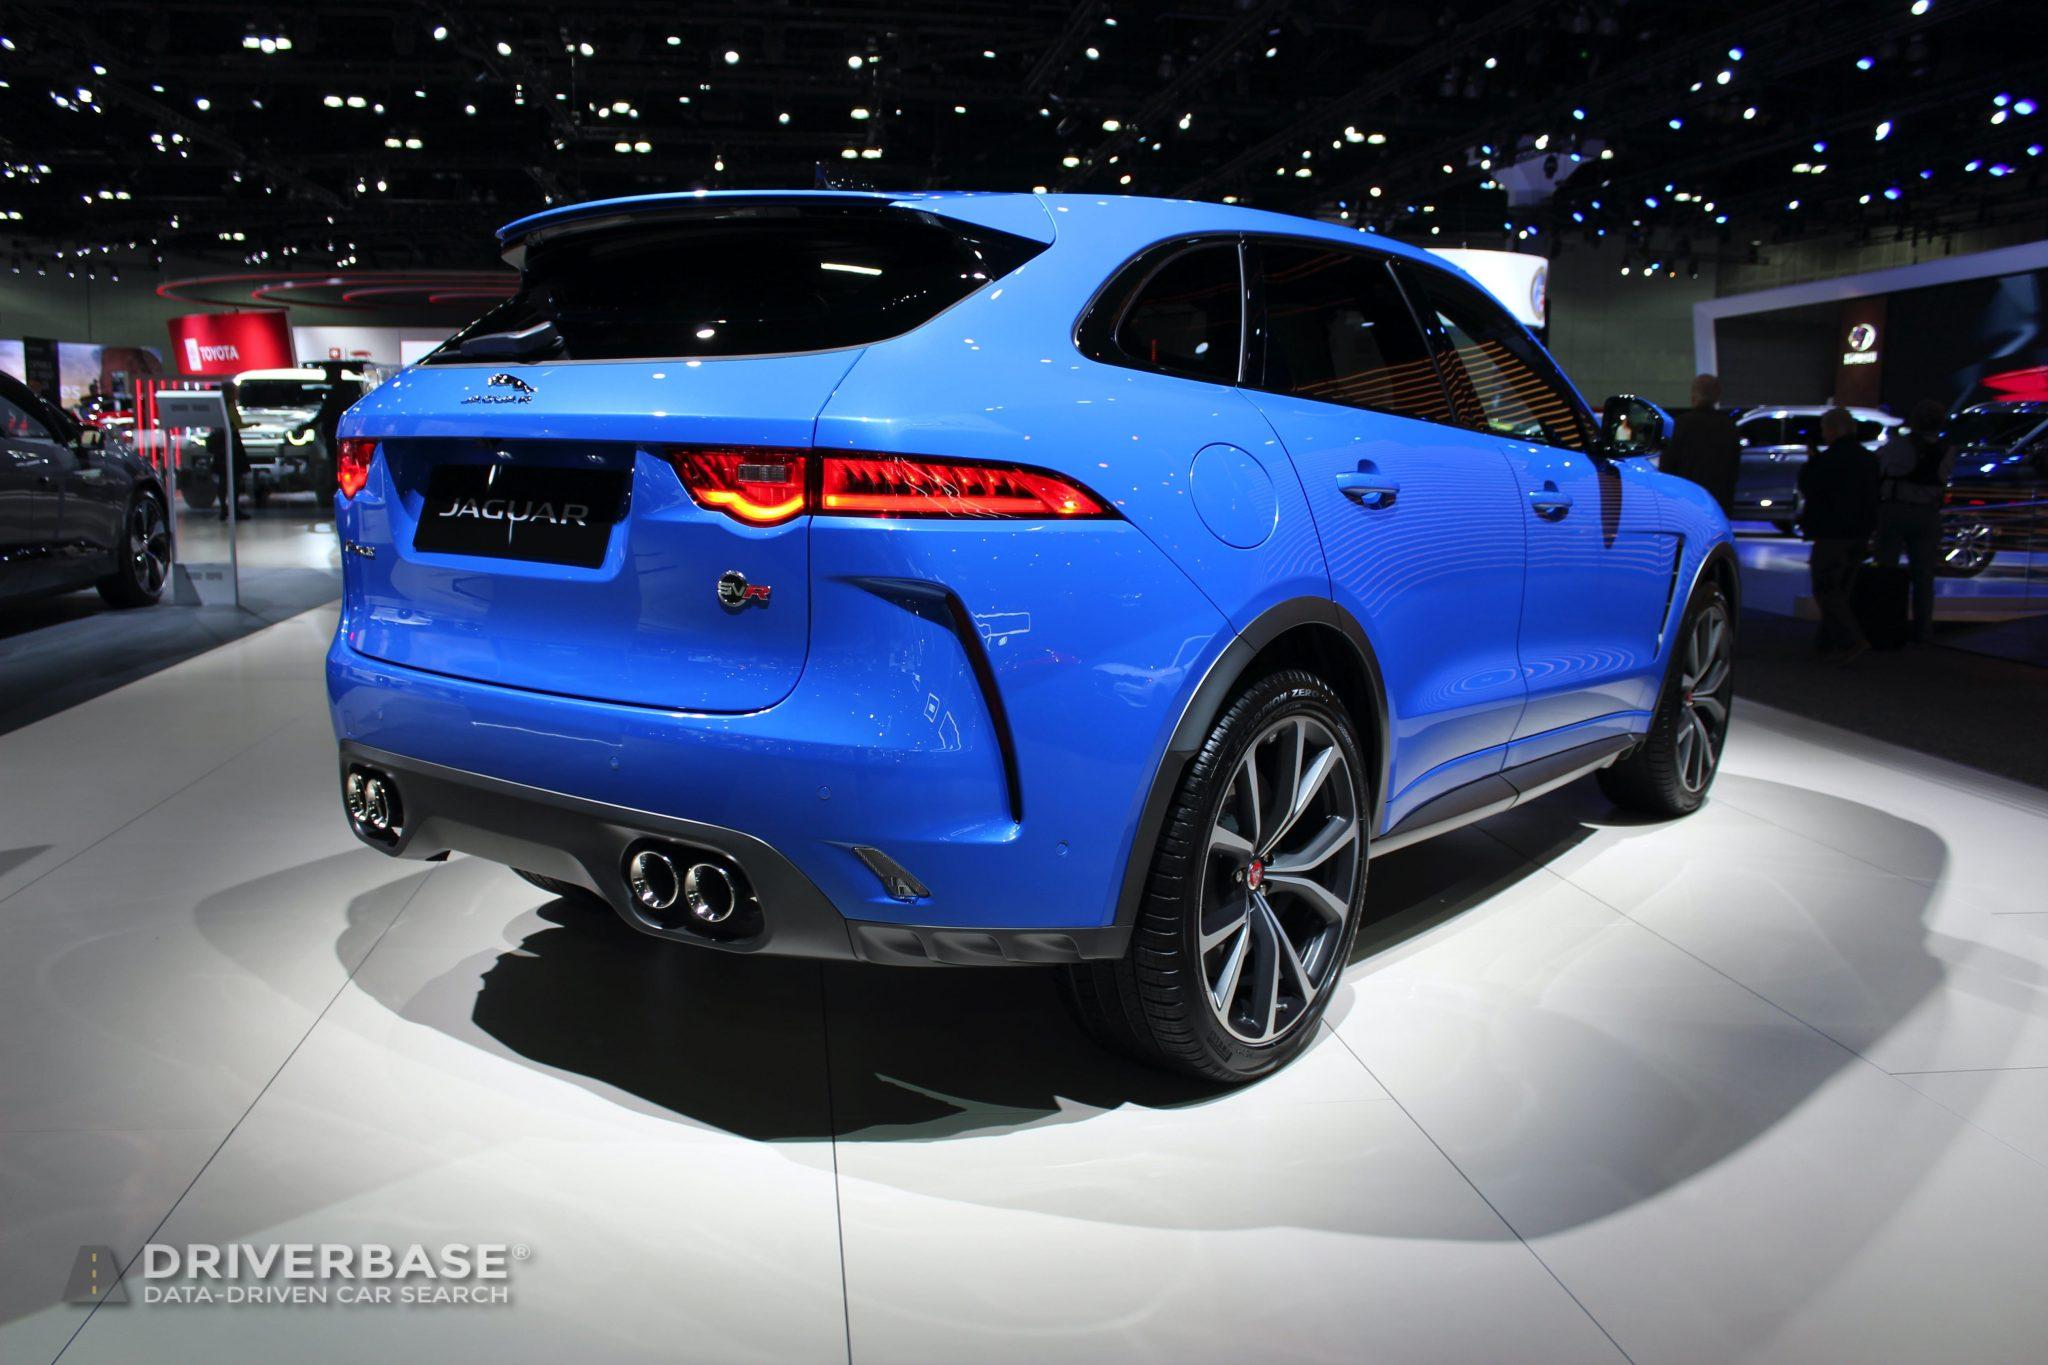 2020 Jaguar F Pace SVR at the 2019 Los Angeles Auto Show